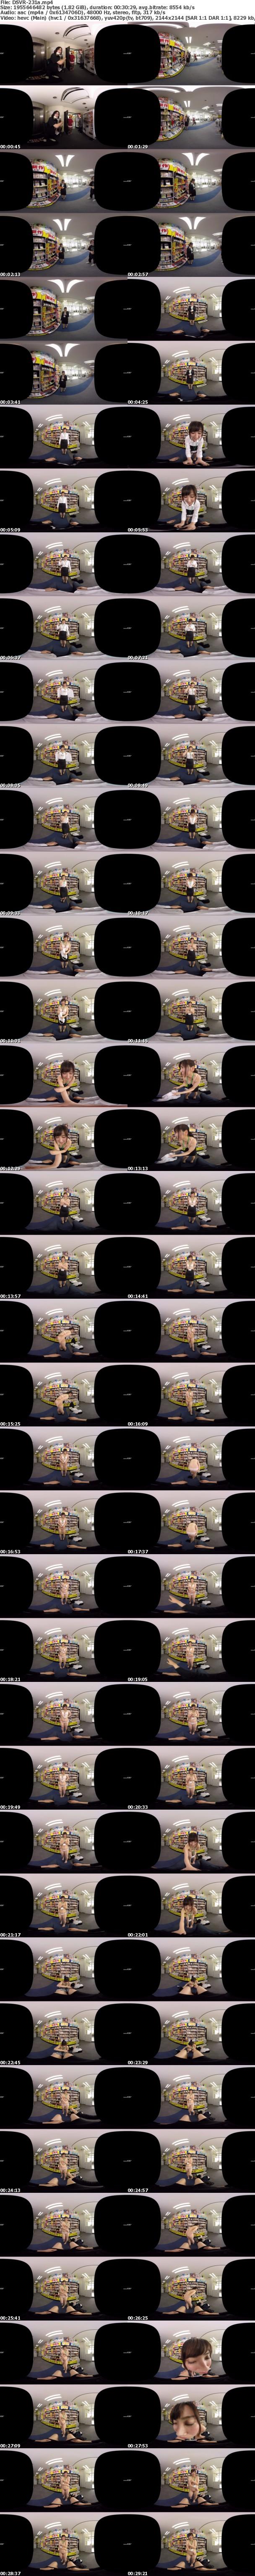 VR/3D [3DSVR-0231] 【VR】超本格リアル野球拳VR 業務中のSOD女子社員が目の前でヌギヌギしてくれるヌキあり社内羞恥野球拳!